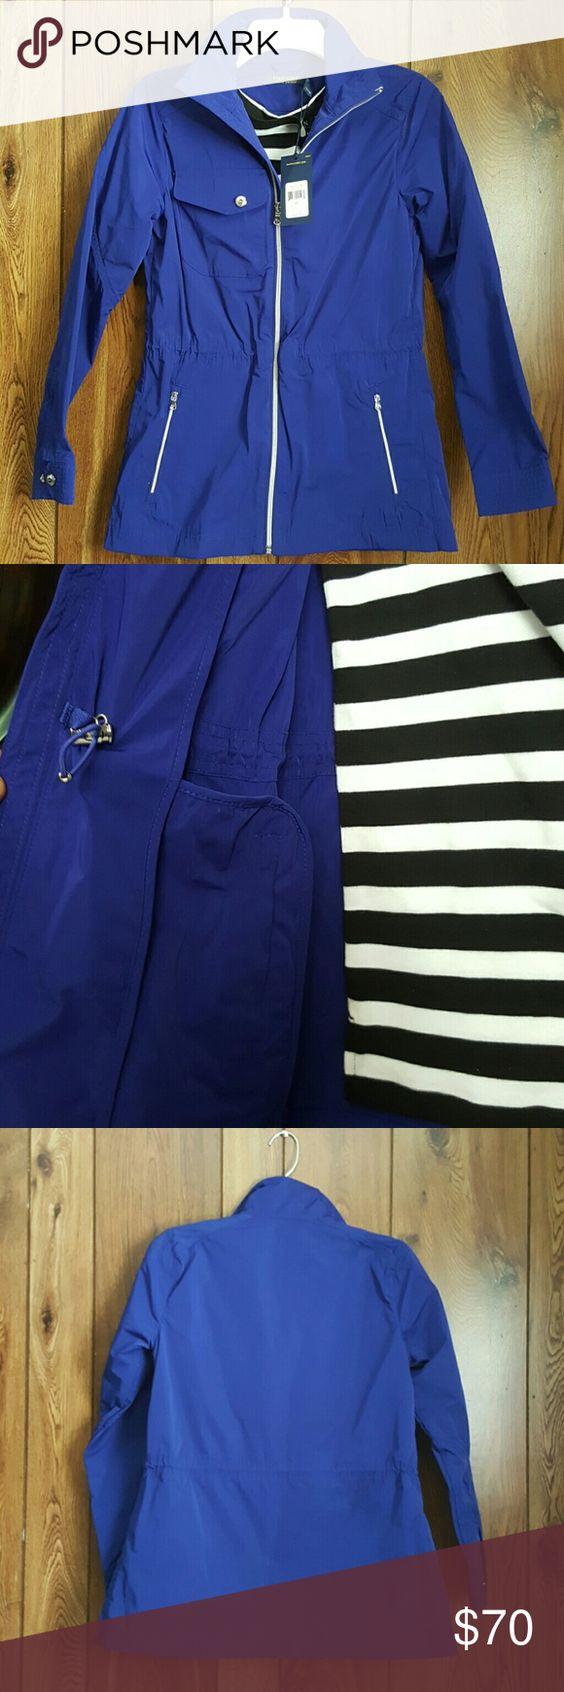 NWT  Ralph Lauren Golf jacket New  Stylish  Adjustable  waist  Full zipper  Two zipper  front pockets Ralph Lauren Jackets & Coats